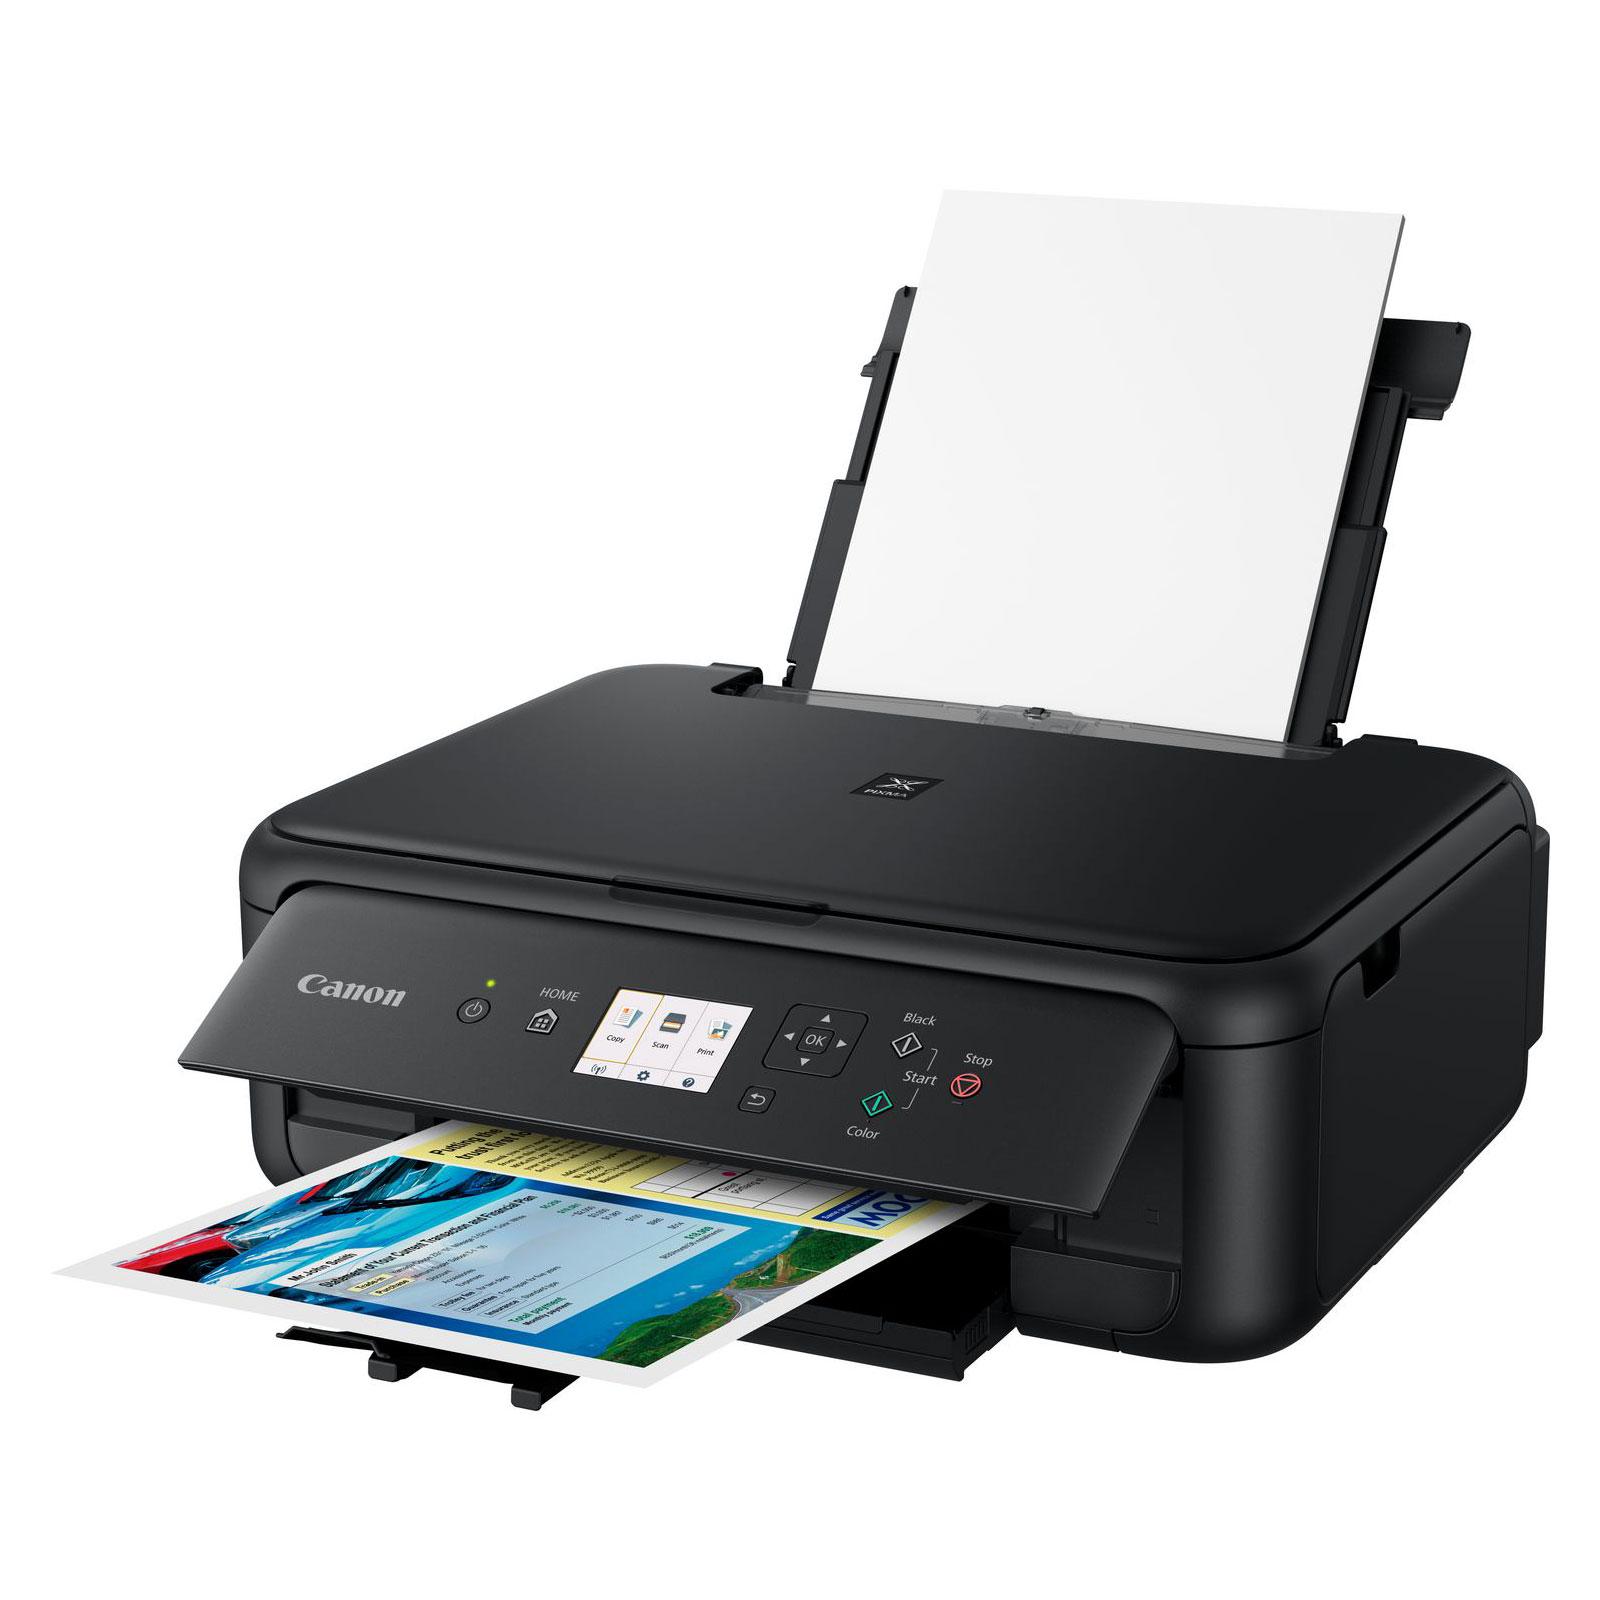 PIXMA TS5150 (2228C006) - Achat / Vente Imprimante multifonction sur Picata.fr - 3